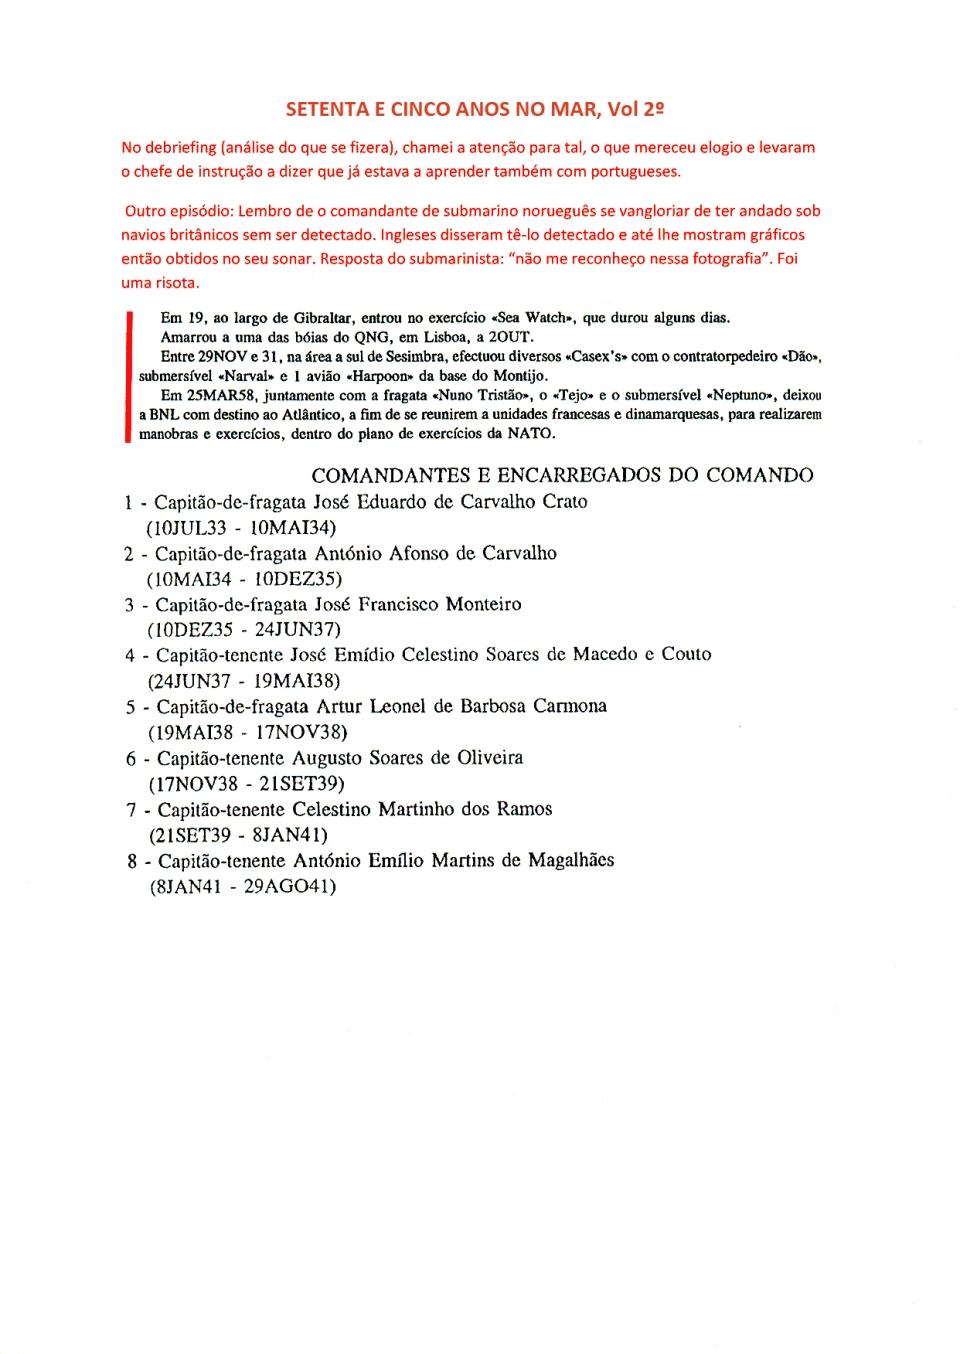 00312 Minhas comissões no VOUGA-Setenta e Cinco Anos no Mar, Vol 2º